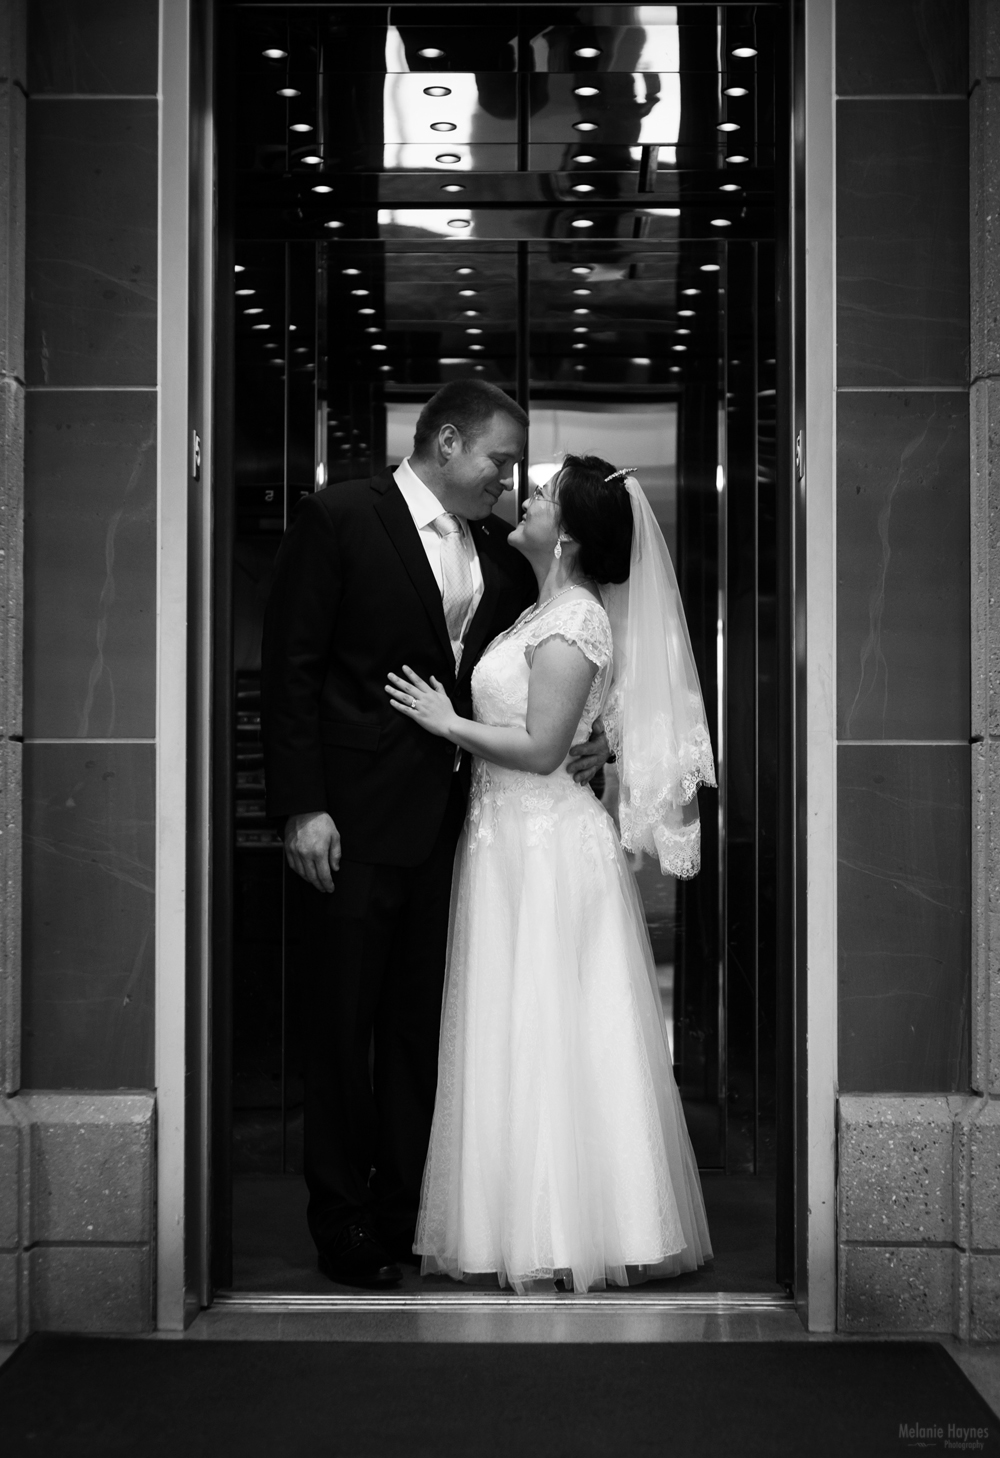 mhaynesphoto_weddingphotography_wm10